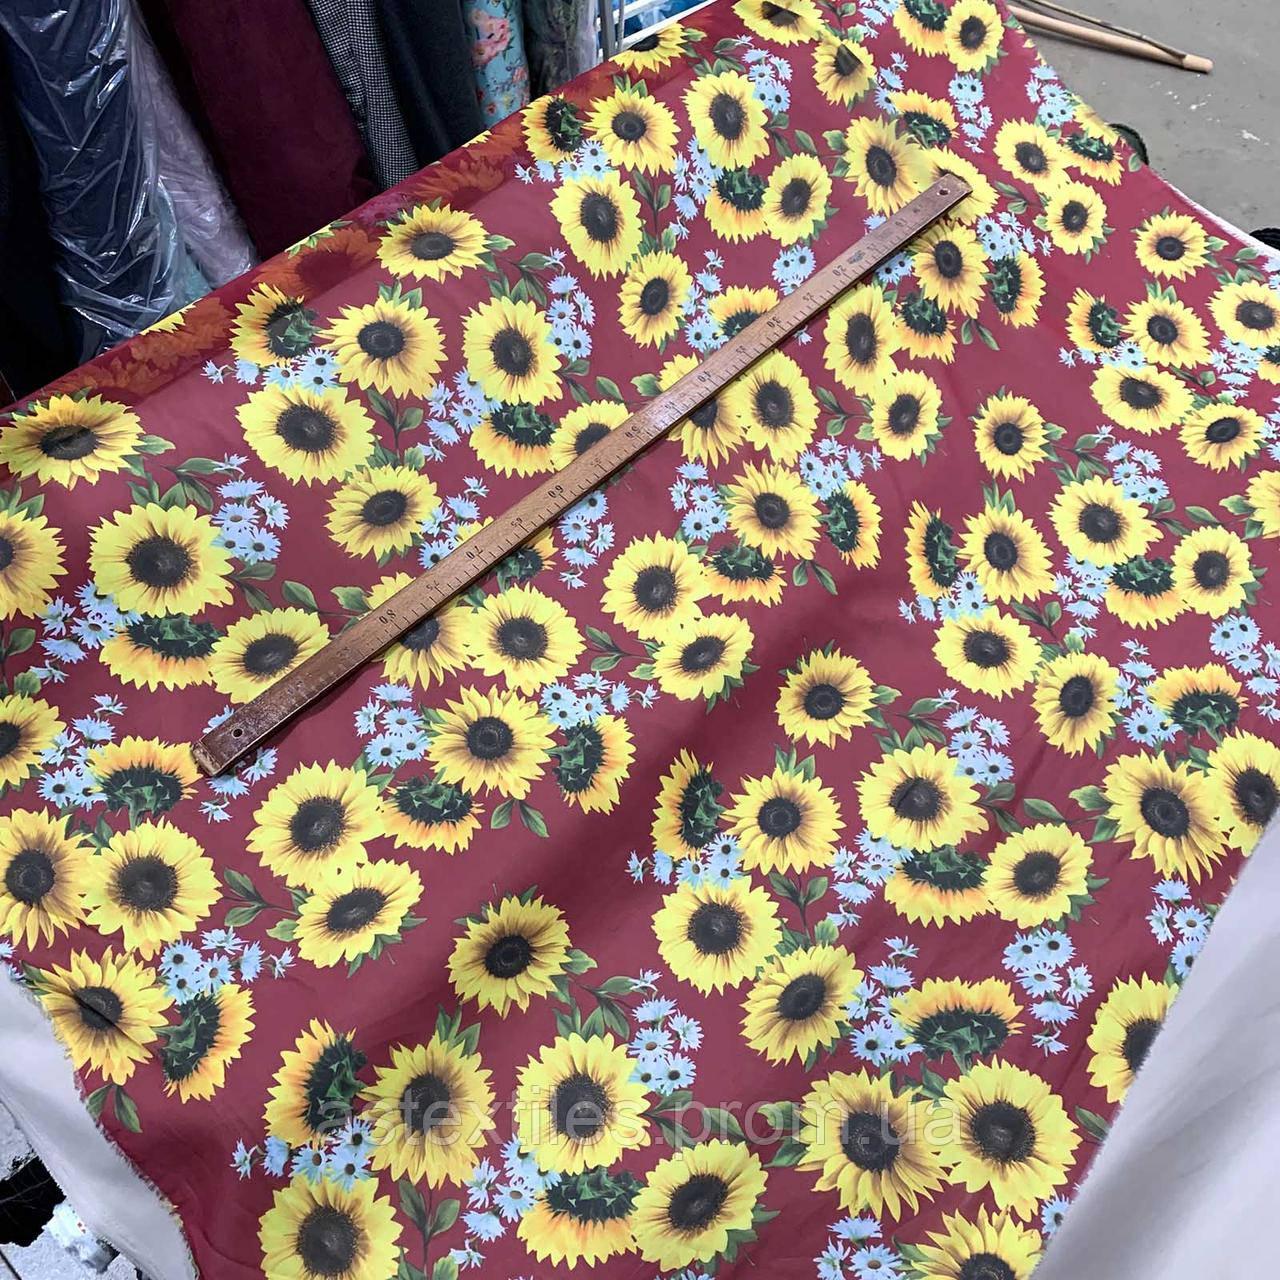 Шифон принт (на бордовом фоне крупные цветы)